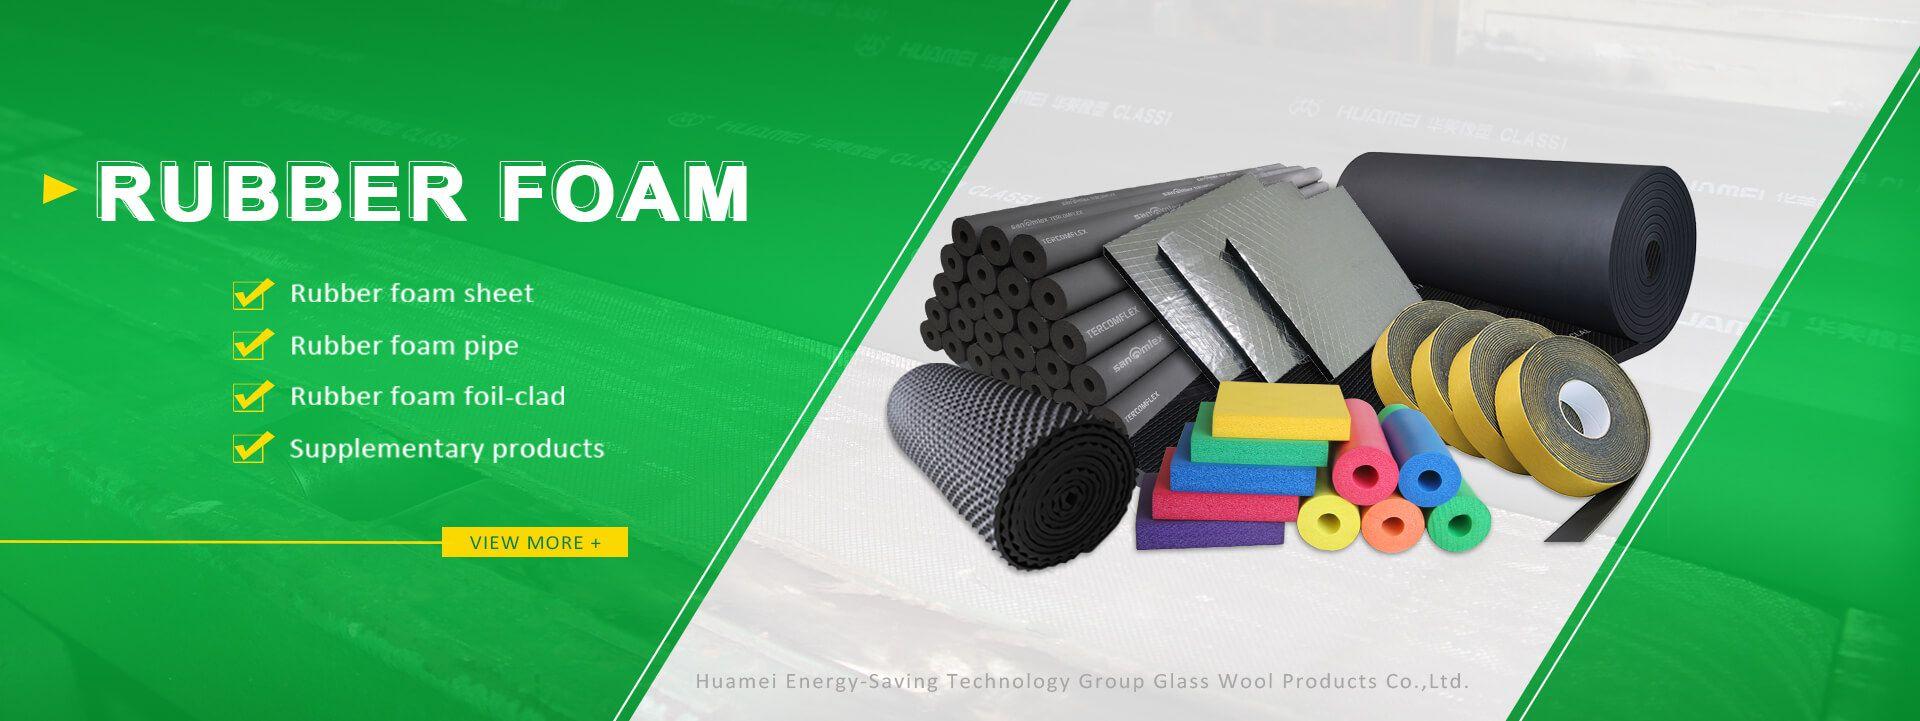 rubber-foam